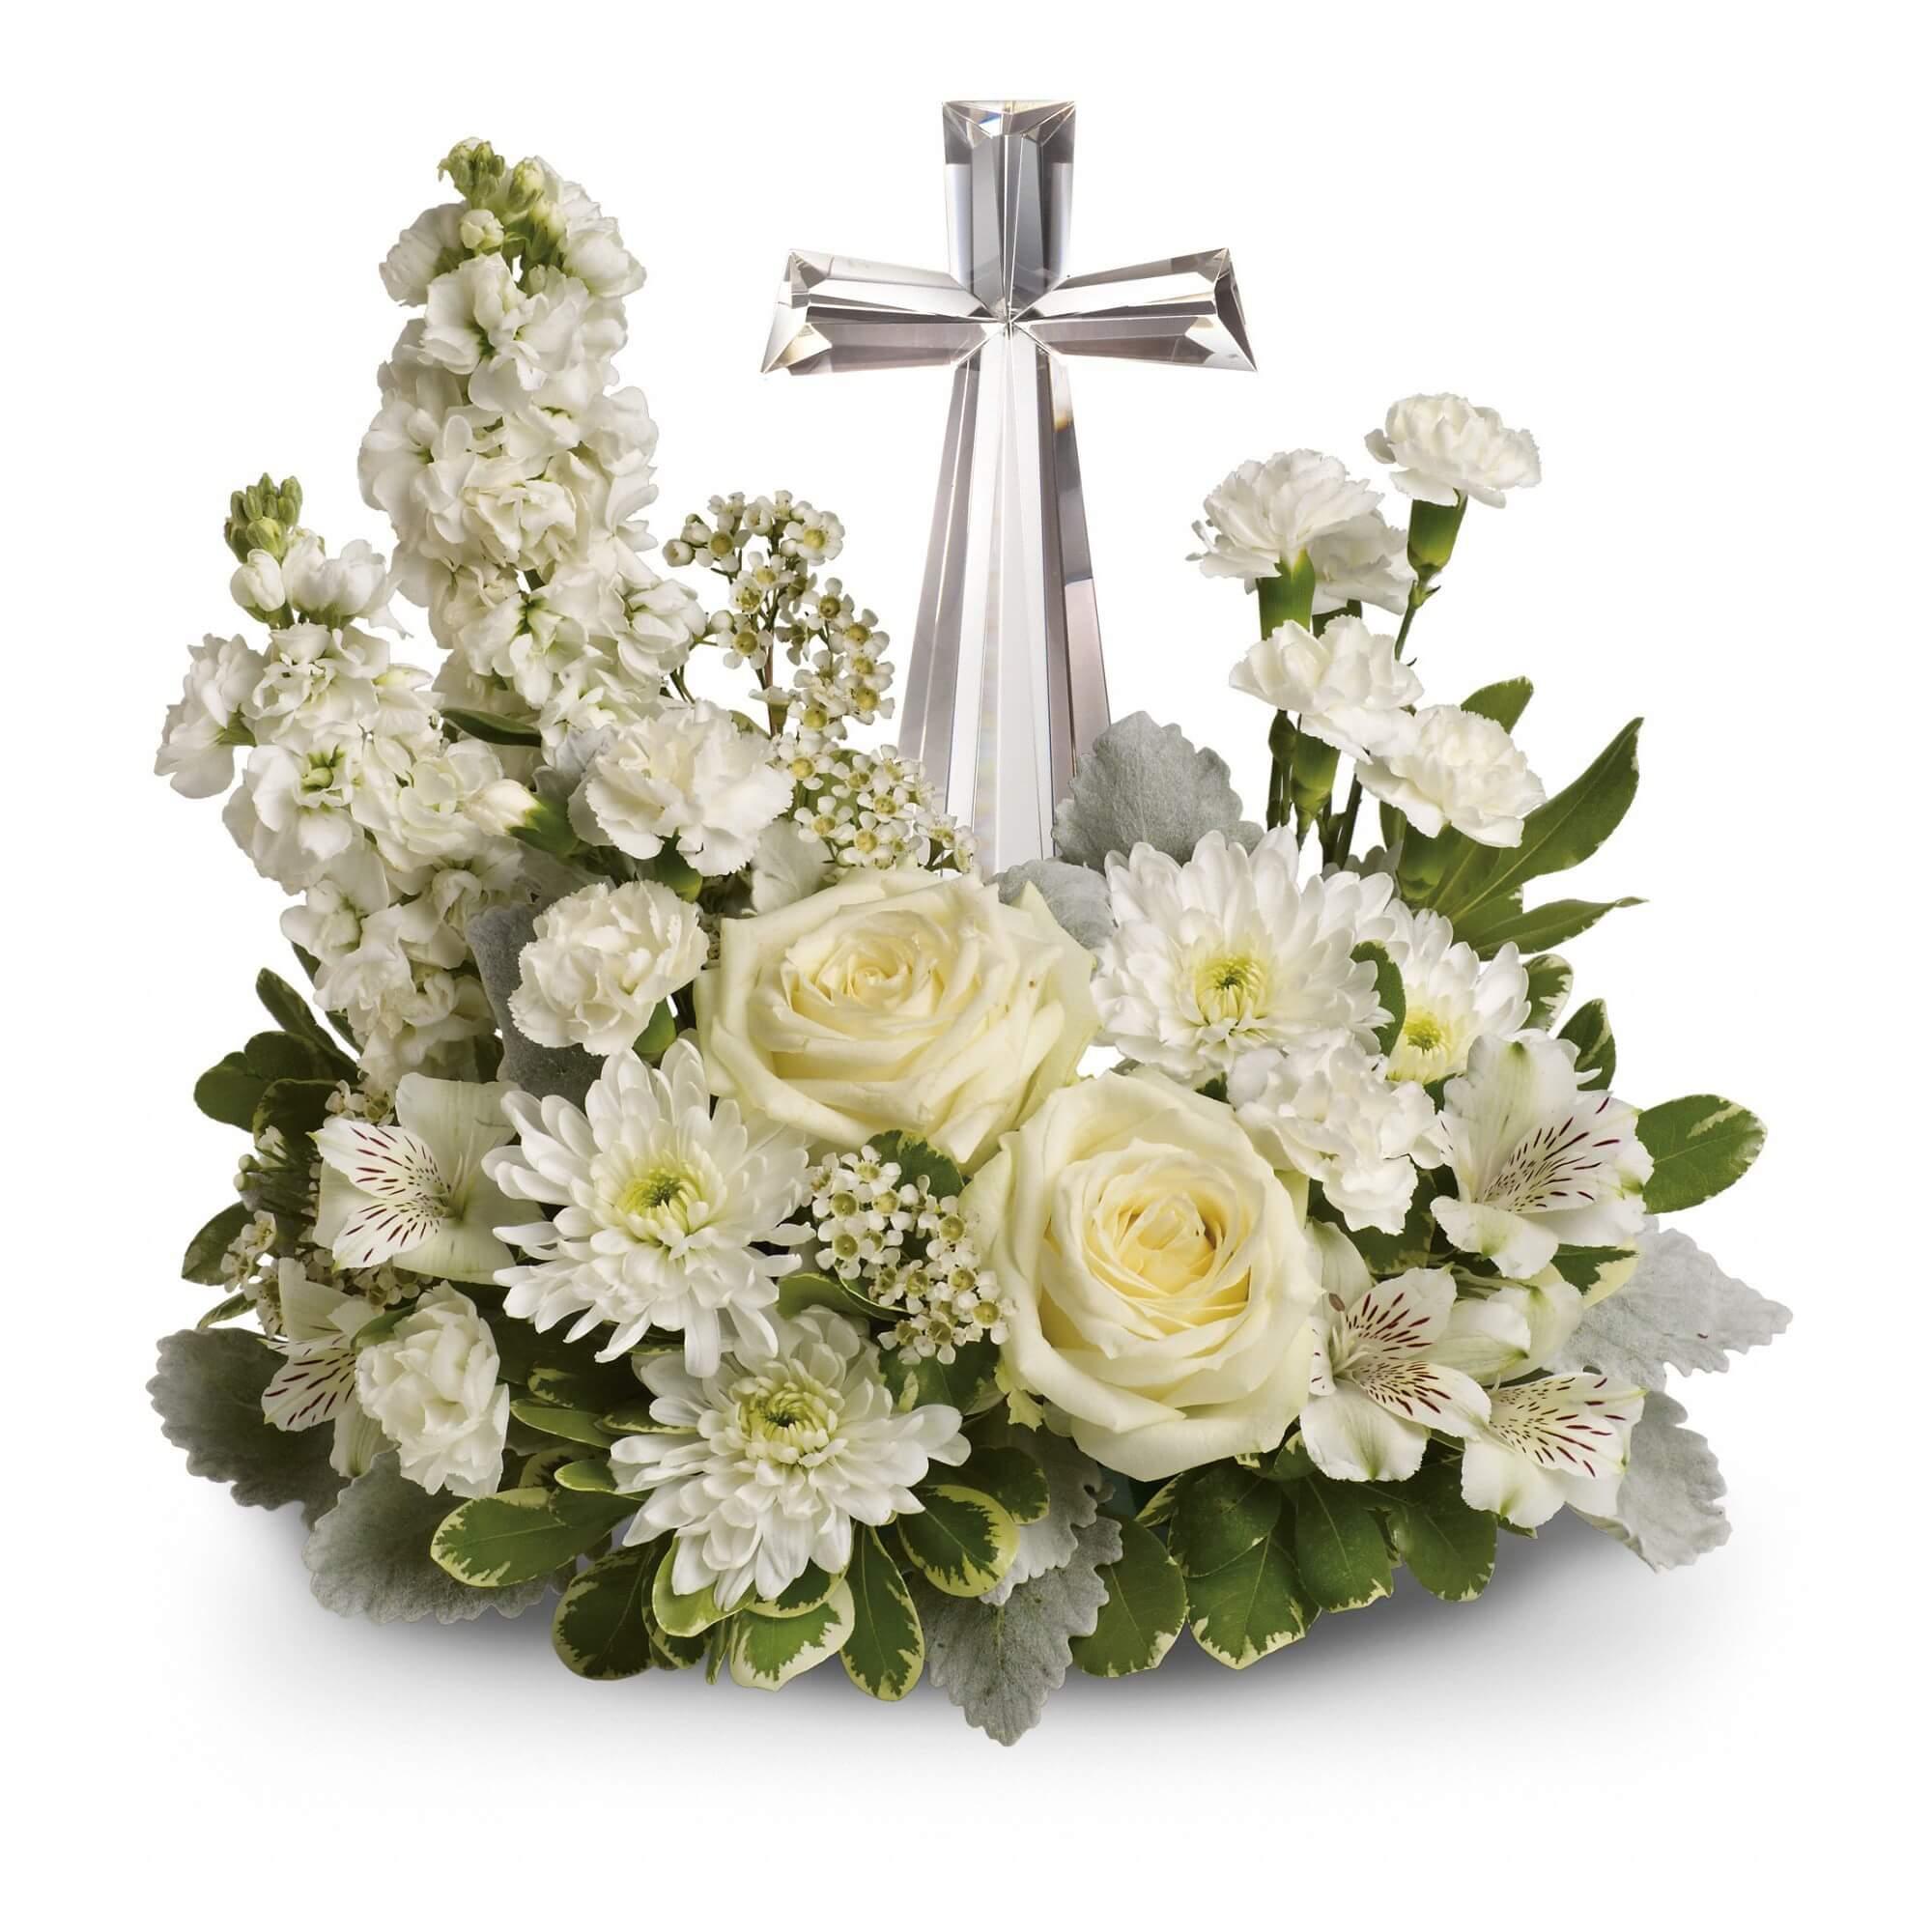 Divine peace bouquet flanner buchanan divine peace bouquet funeral flowers izmirmasajfo